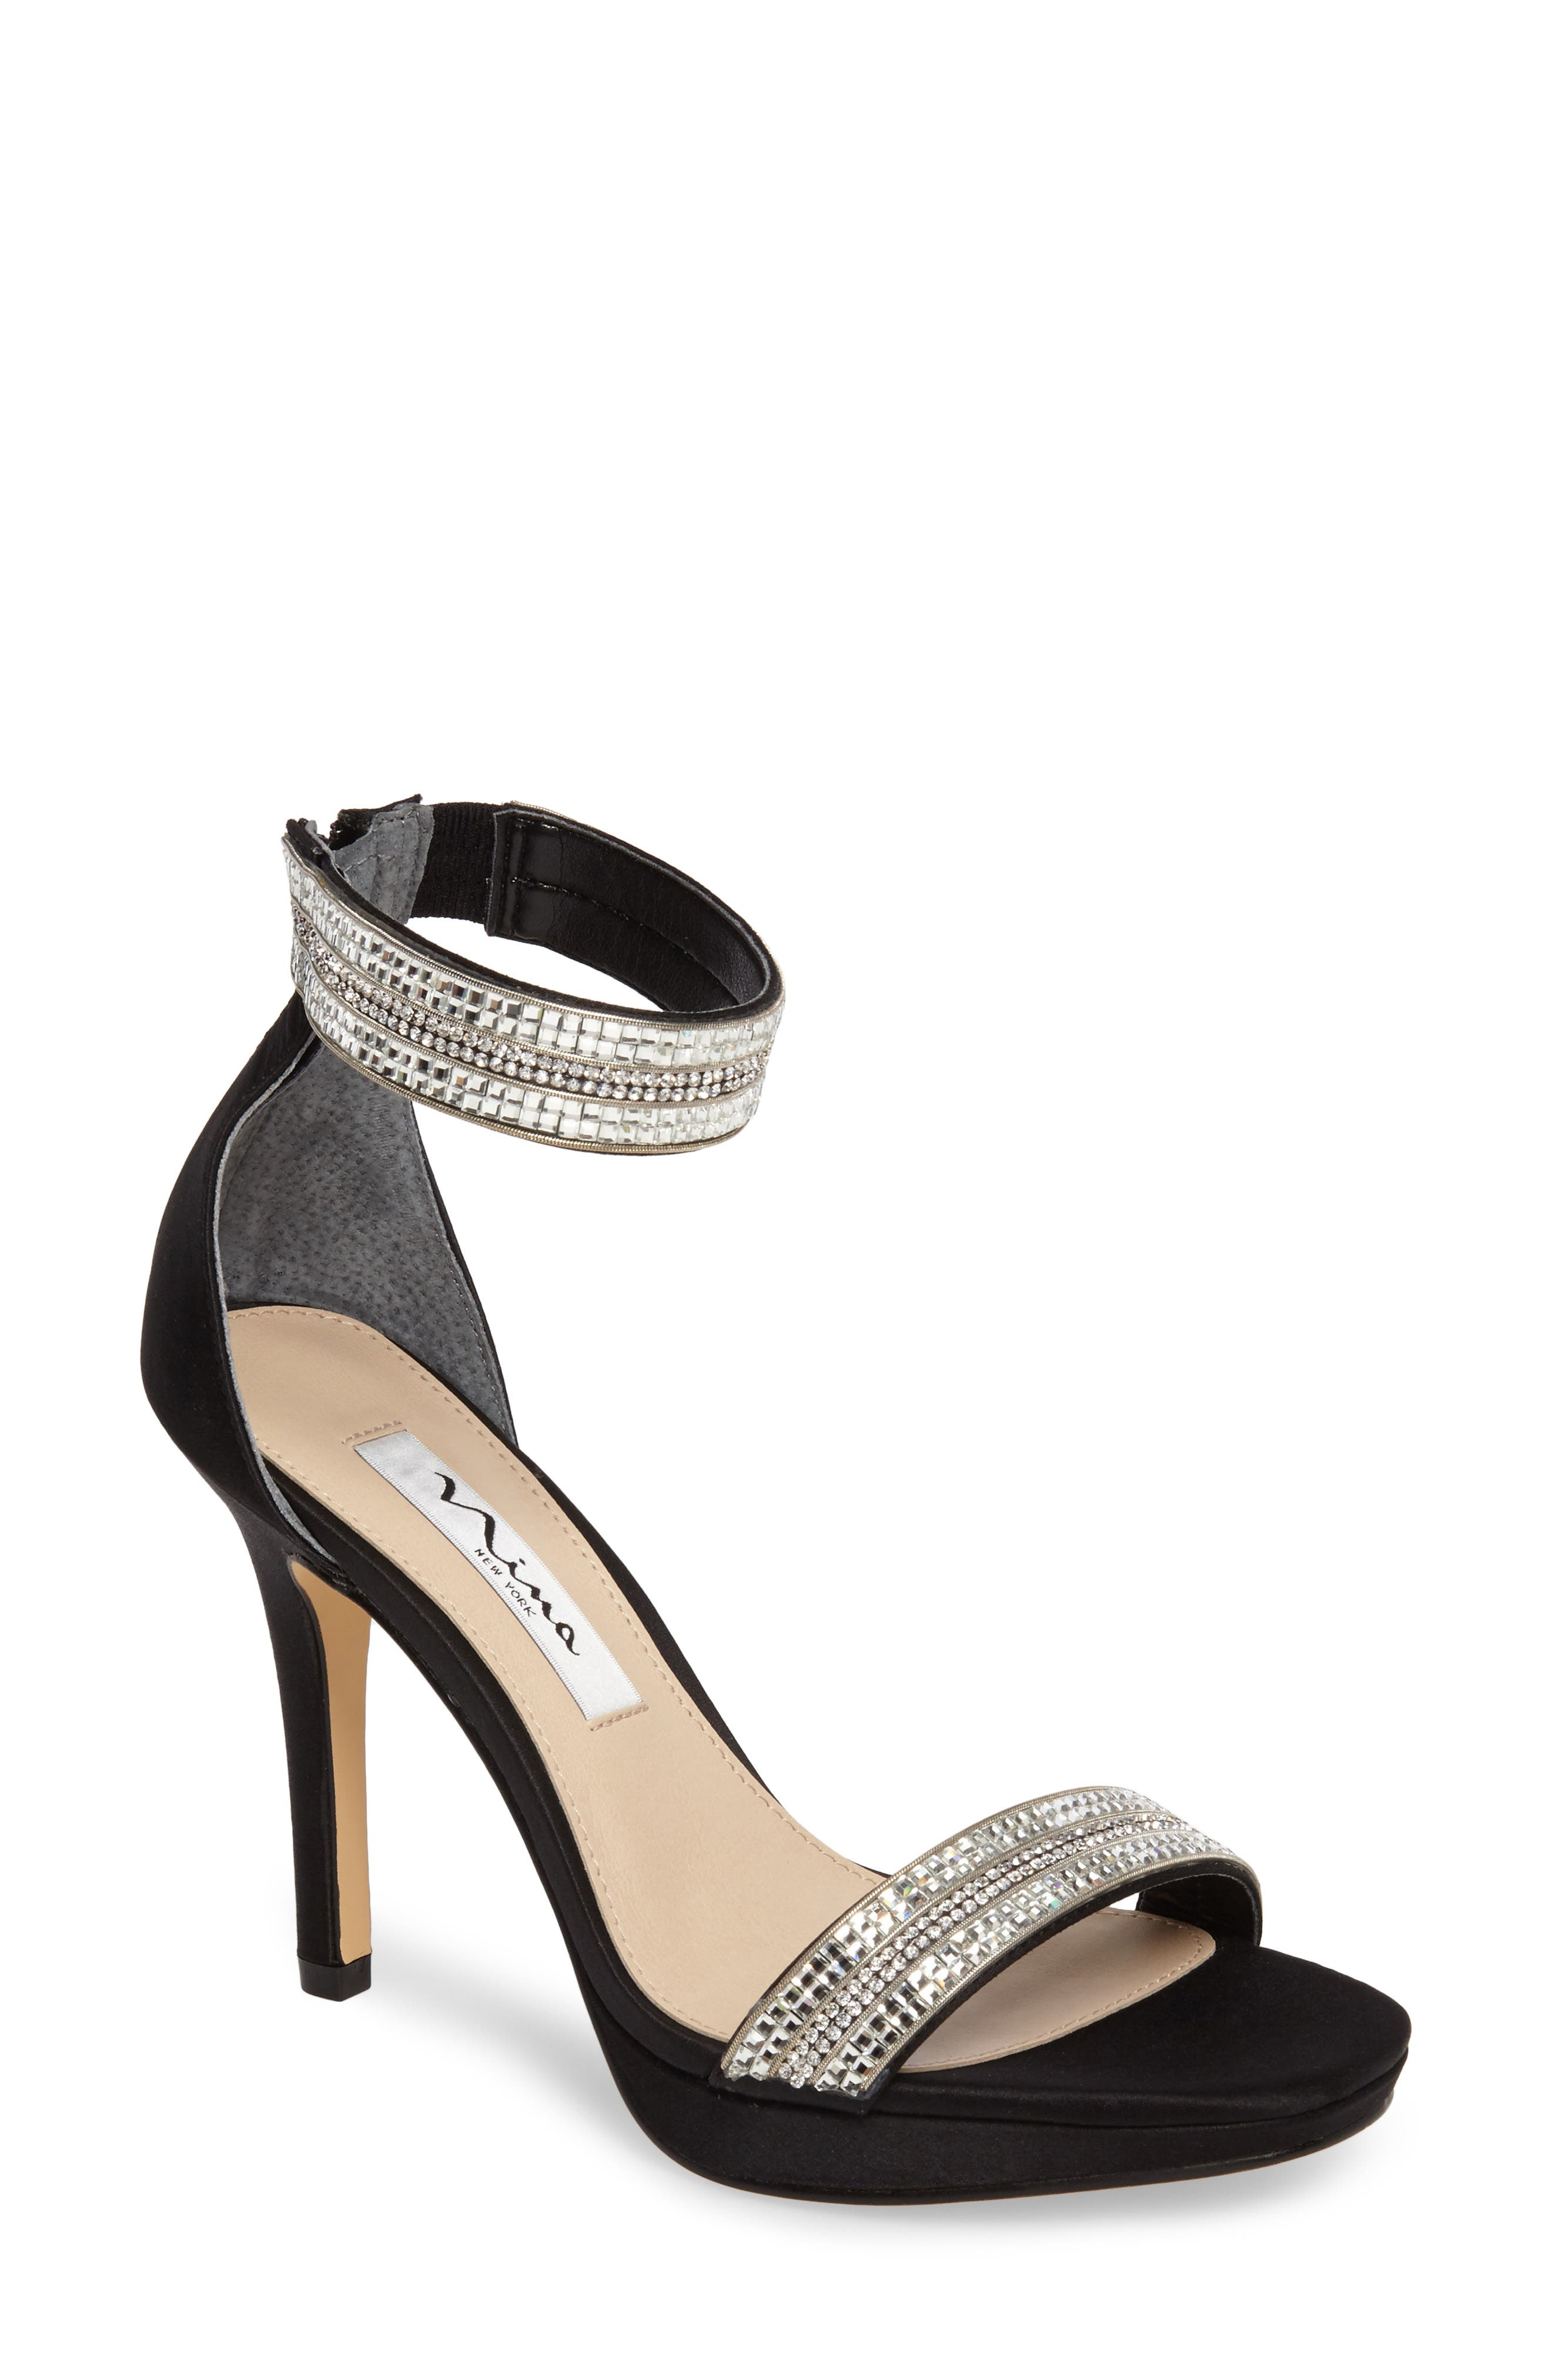 Aubrie Ankle Strap Sandal,                             Main thumbnail 1, color,                             Black Satin